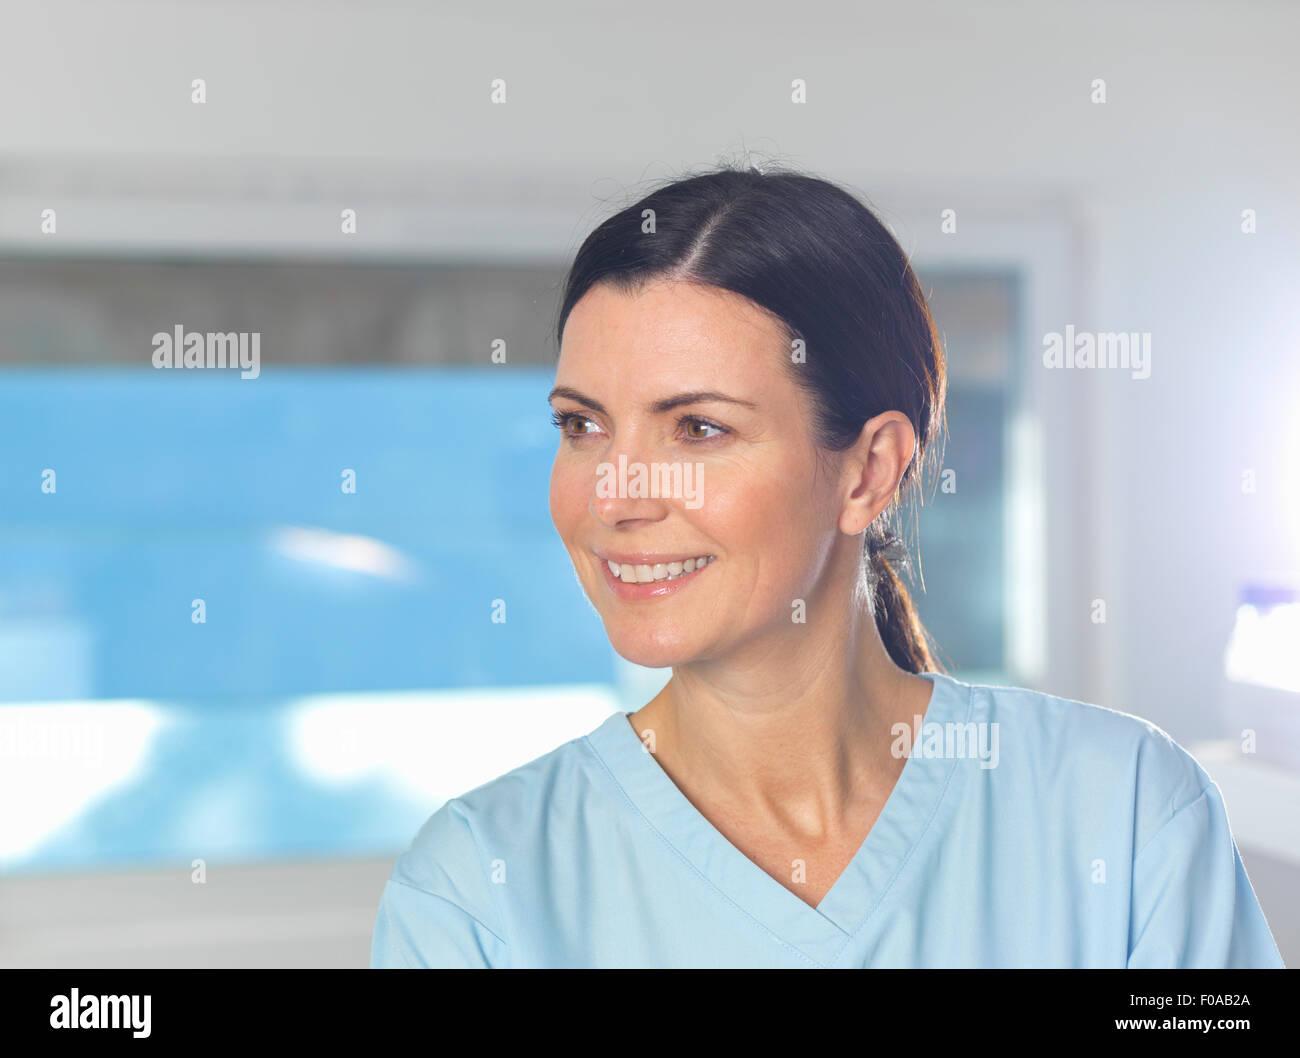 Gesundheit-Arbeiter bei der Arbeit, Fenster im Hintergrund. Stockbild